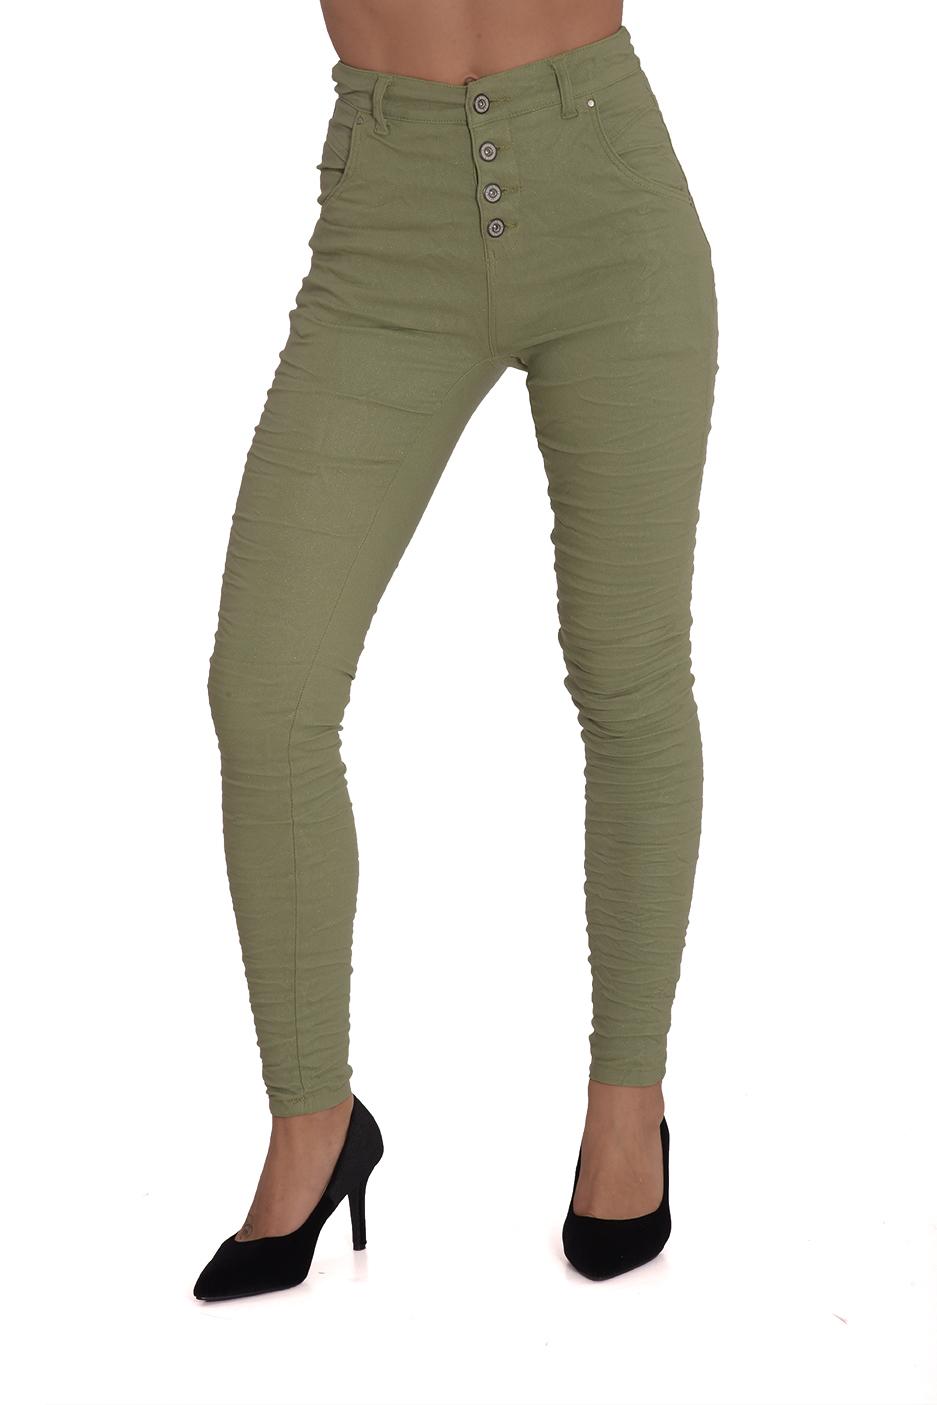 מכנס אמילי ירוק